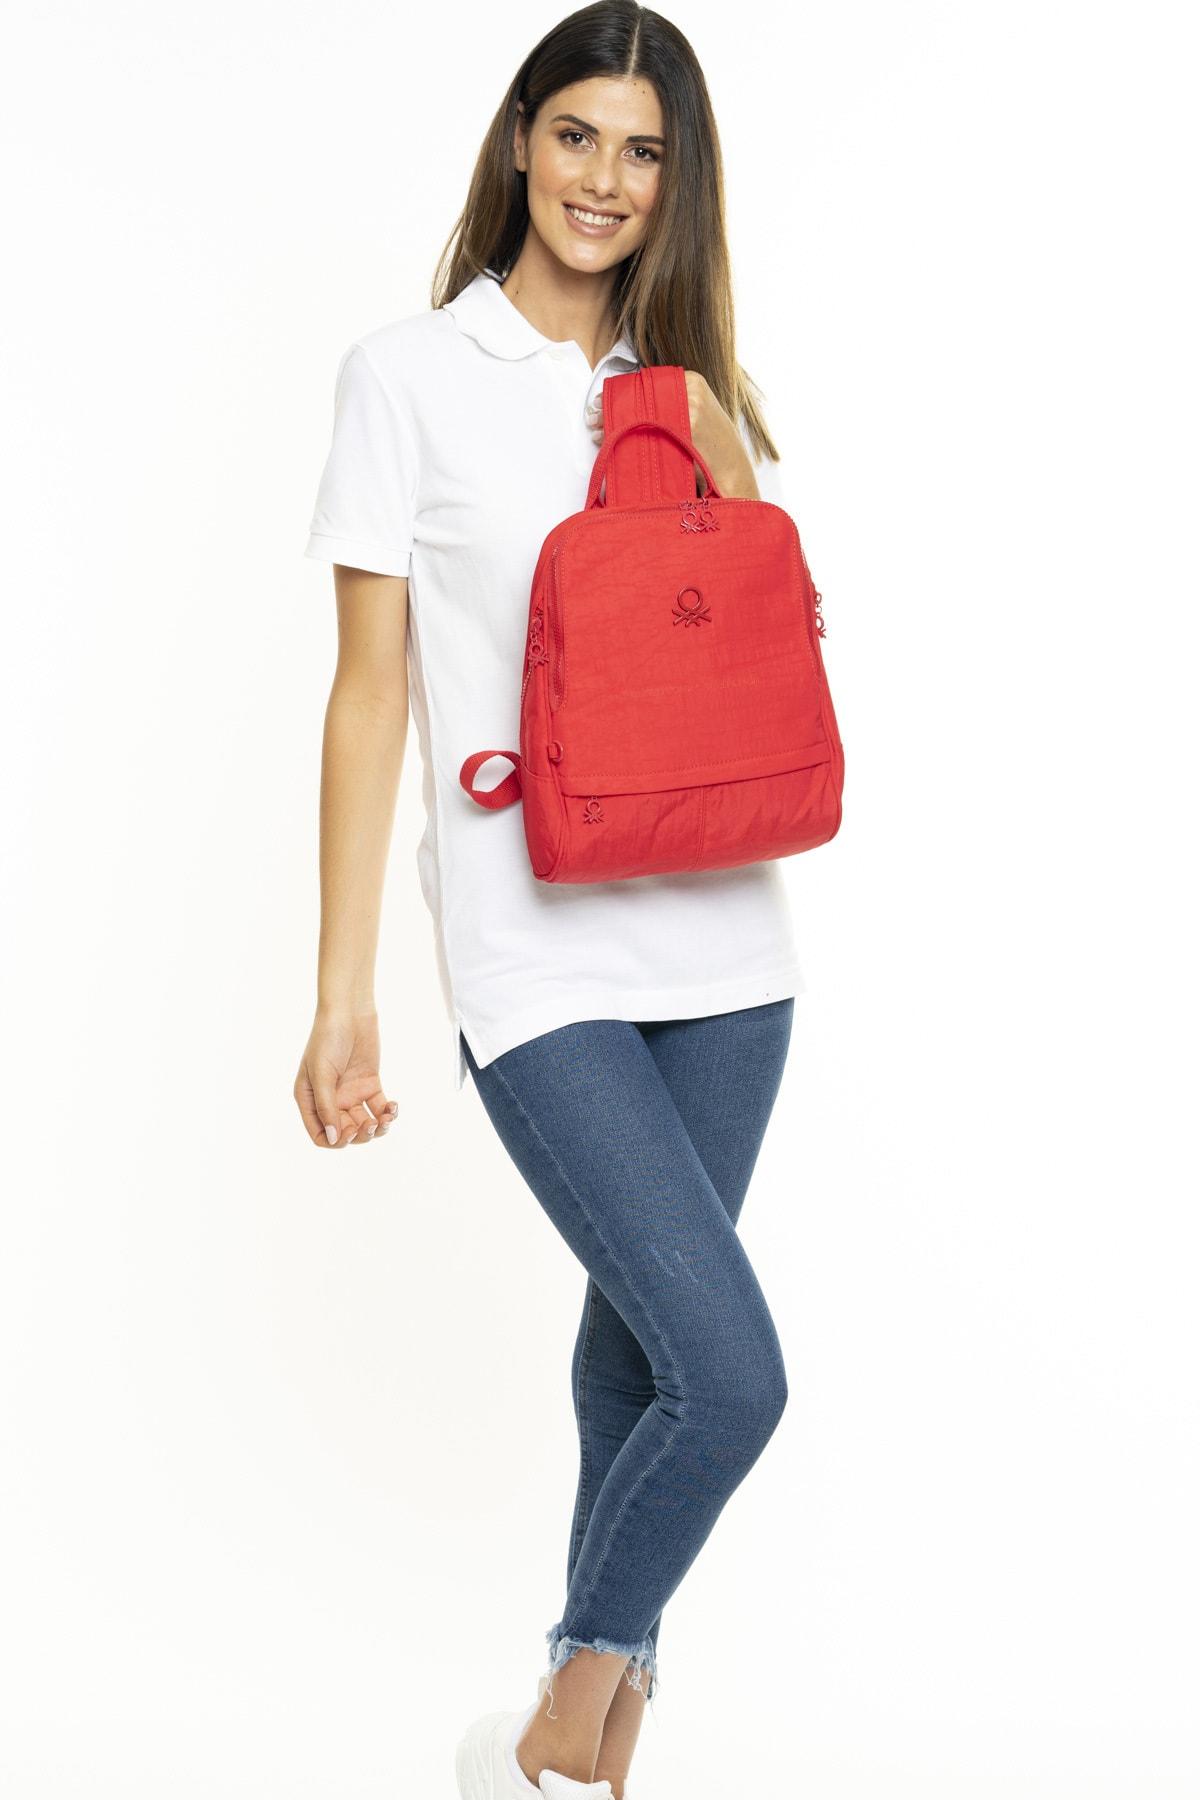 Kadın Sırt Çantası Kırmızı Bnt241